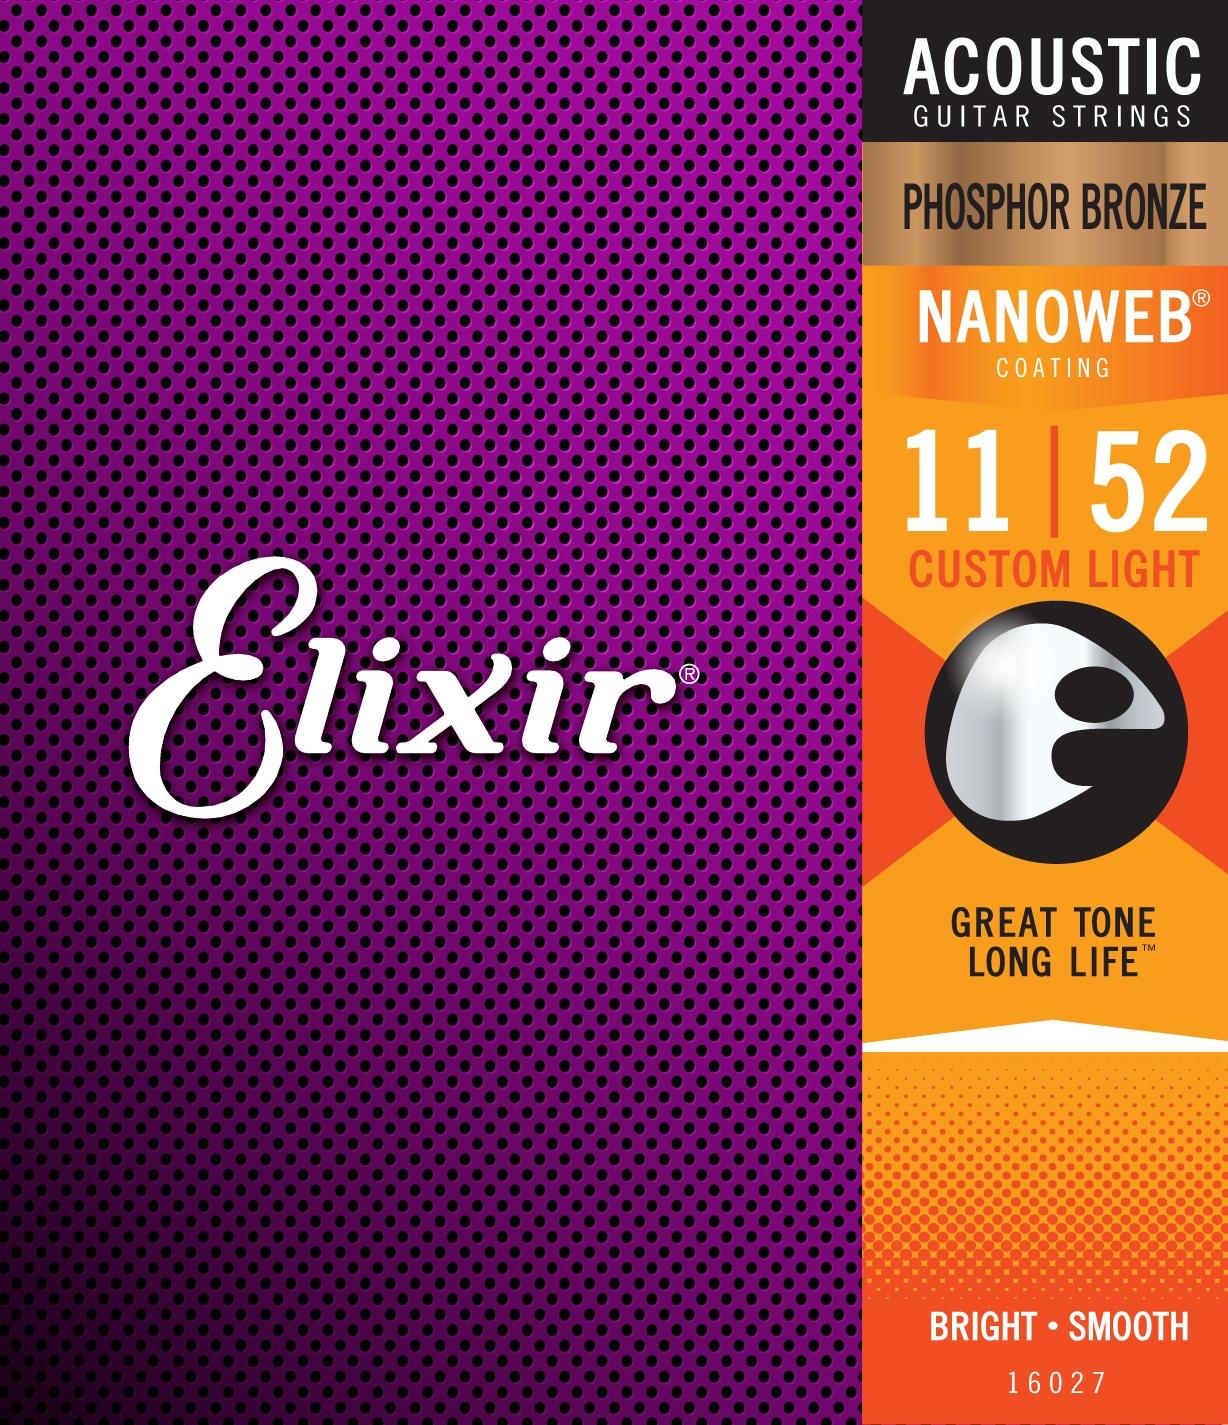 Elixir Nanoweb Phosphor Bronze Custom Light